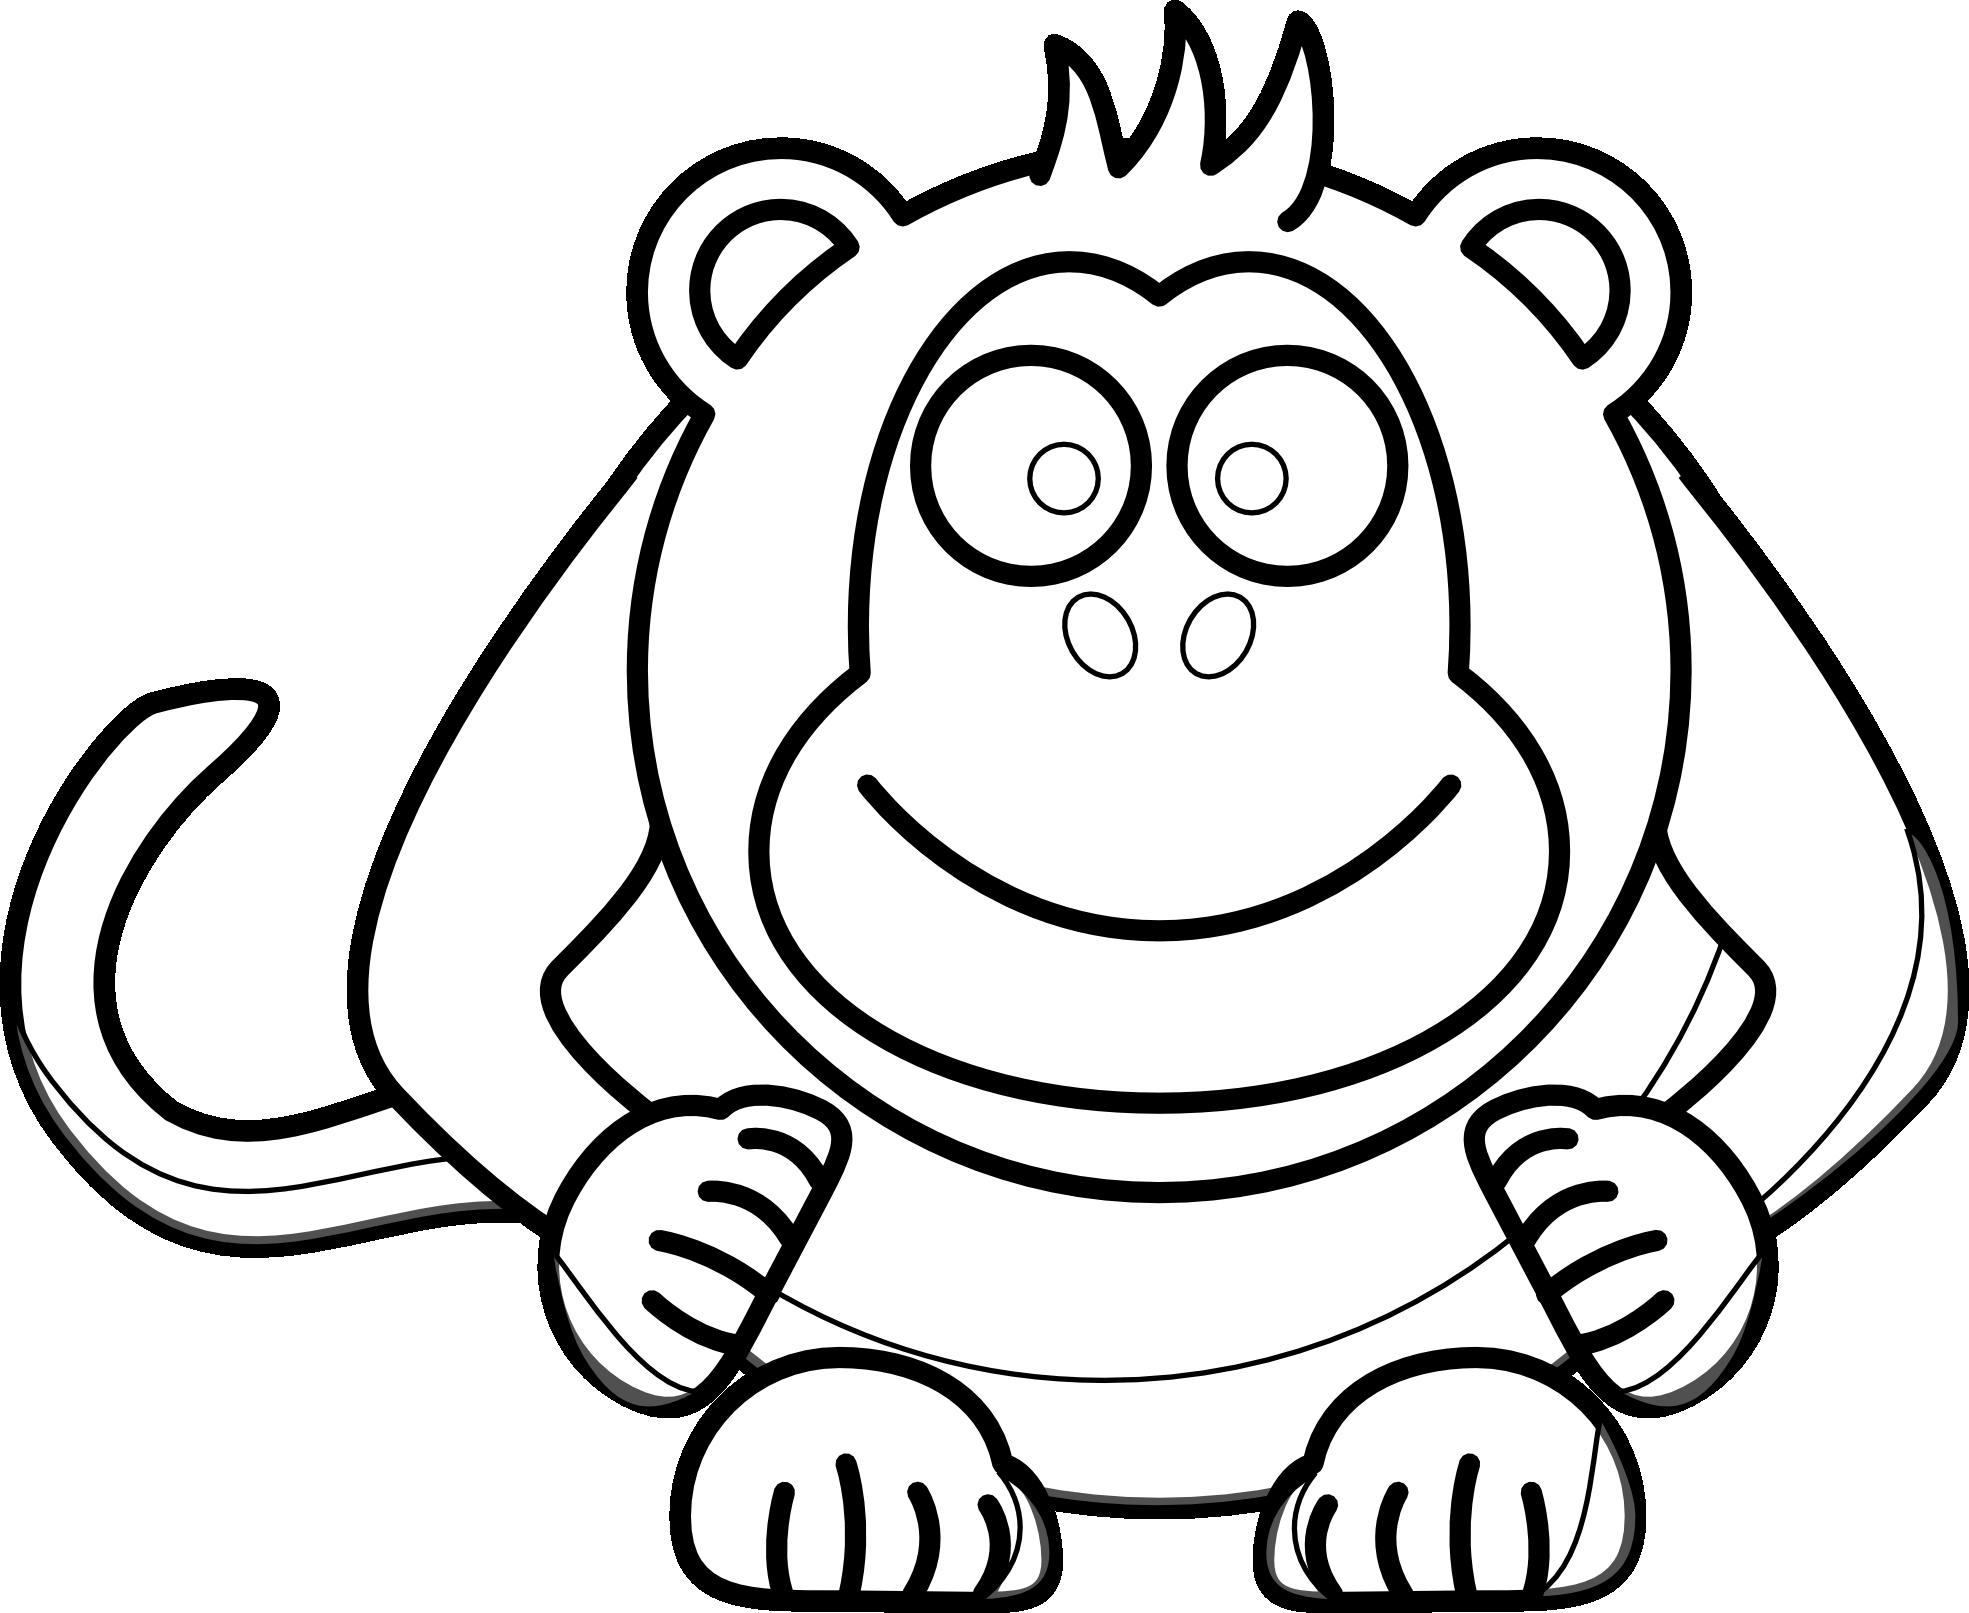 Monkey Clip Art Images - ClipArt Best